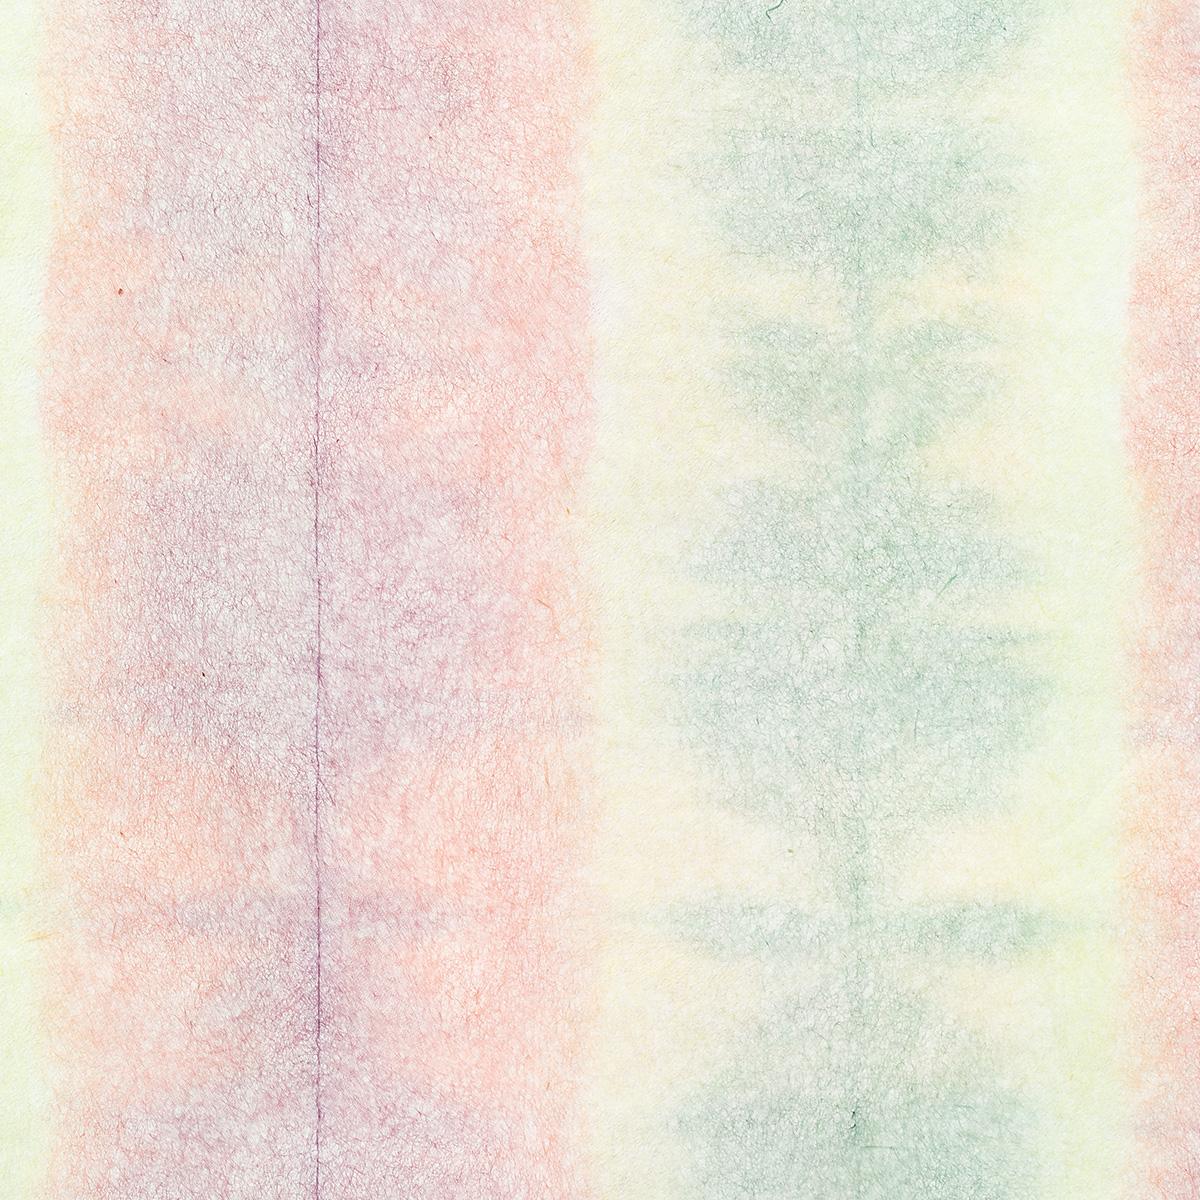 典具帖紙 板締め 薄口 No.5